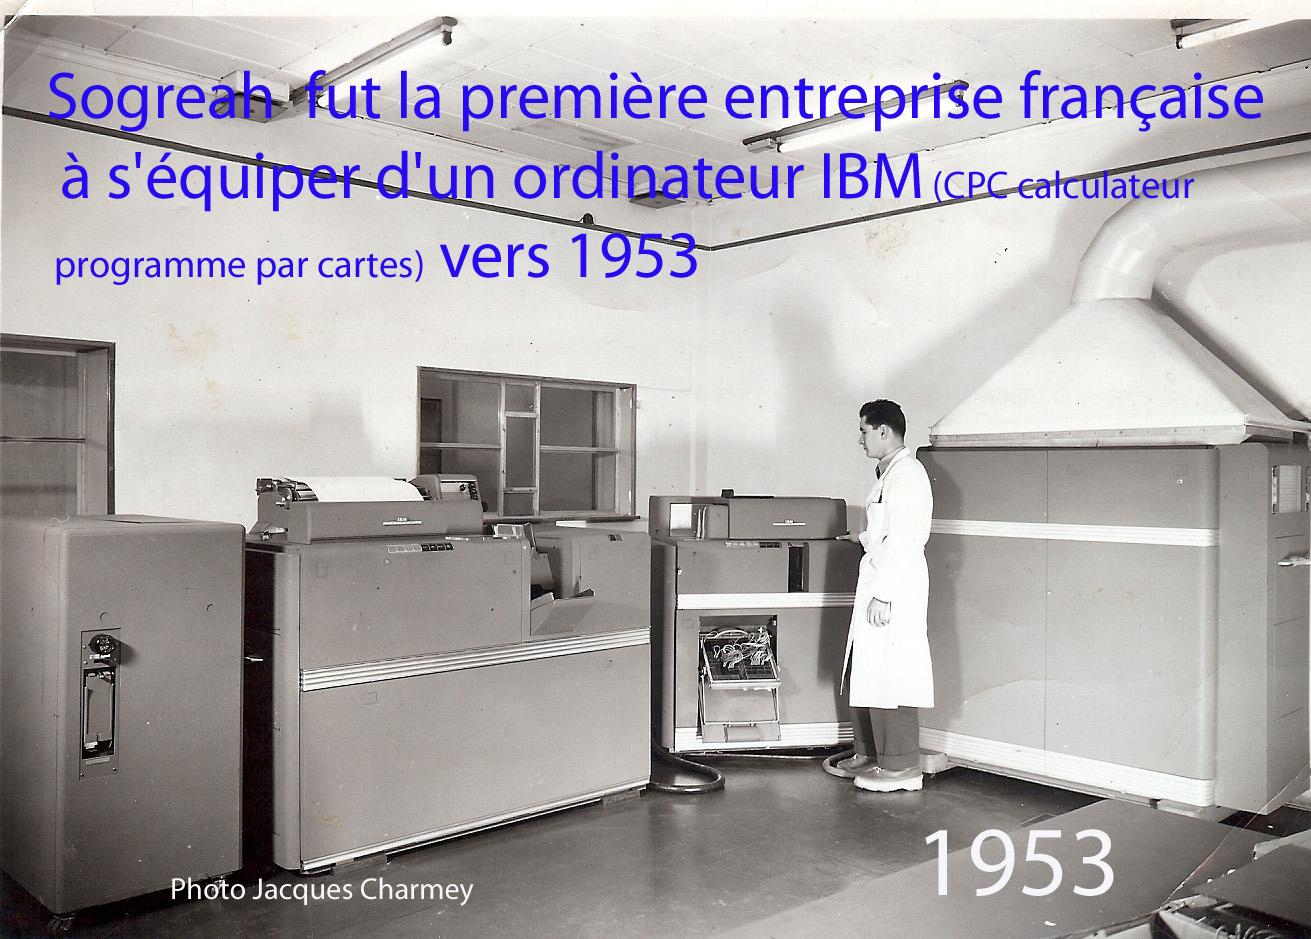 Sogreah salle informatique 1953